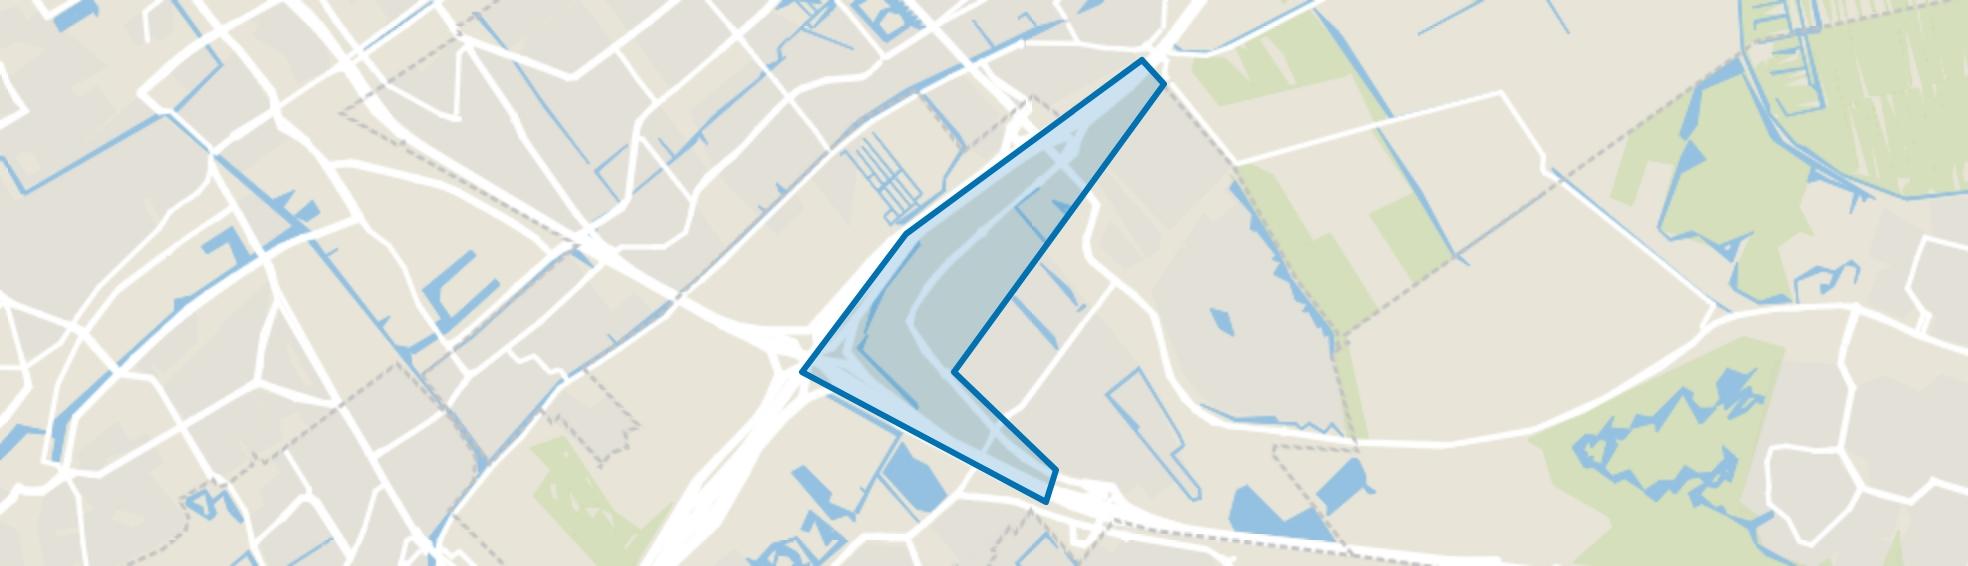 De Rivieren, Den Haag map